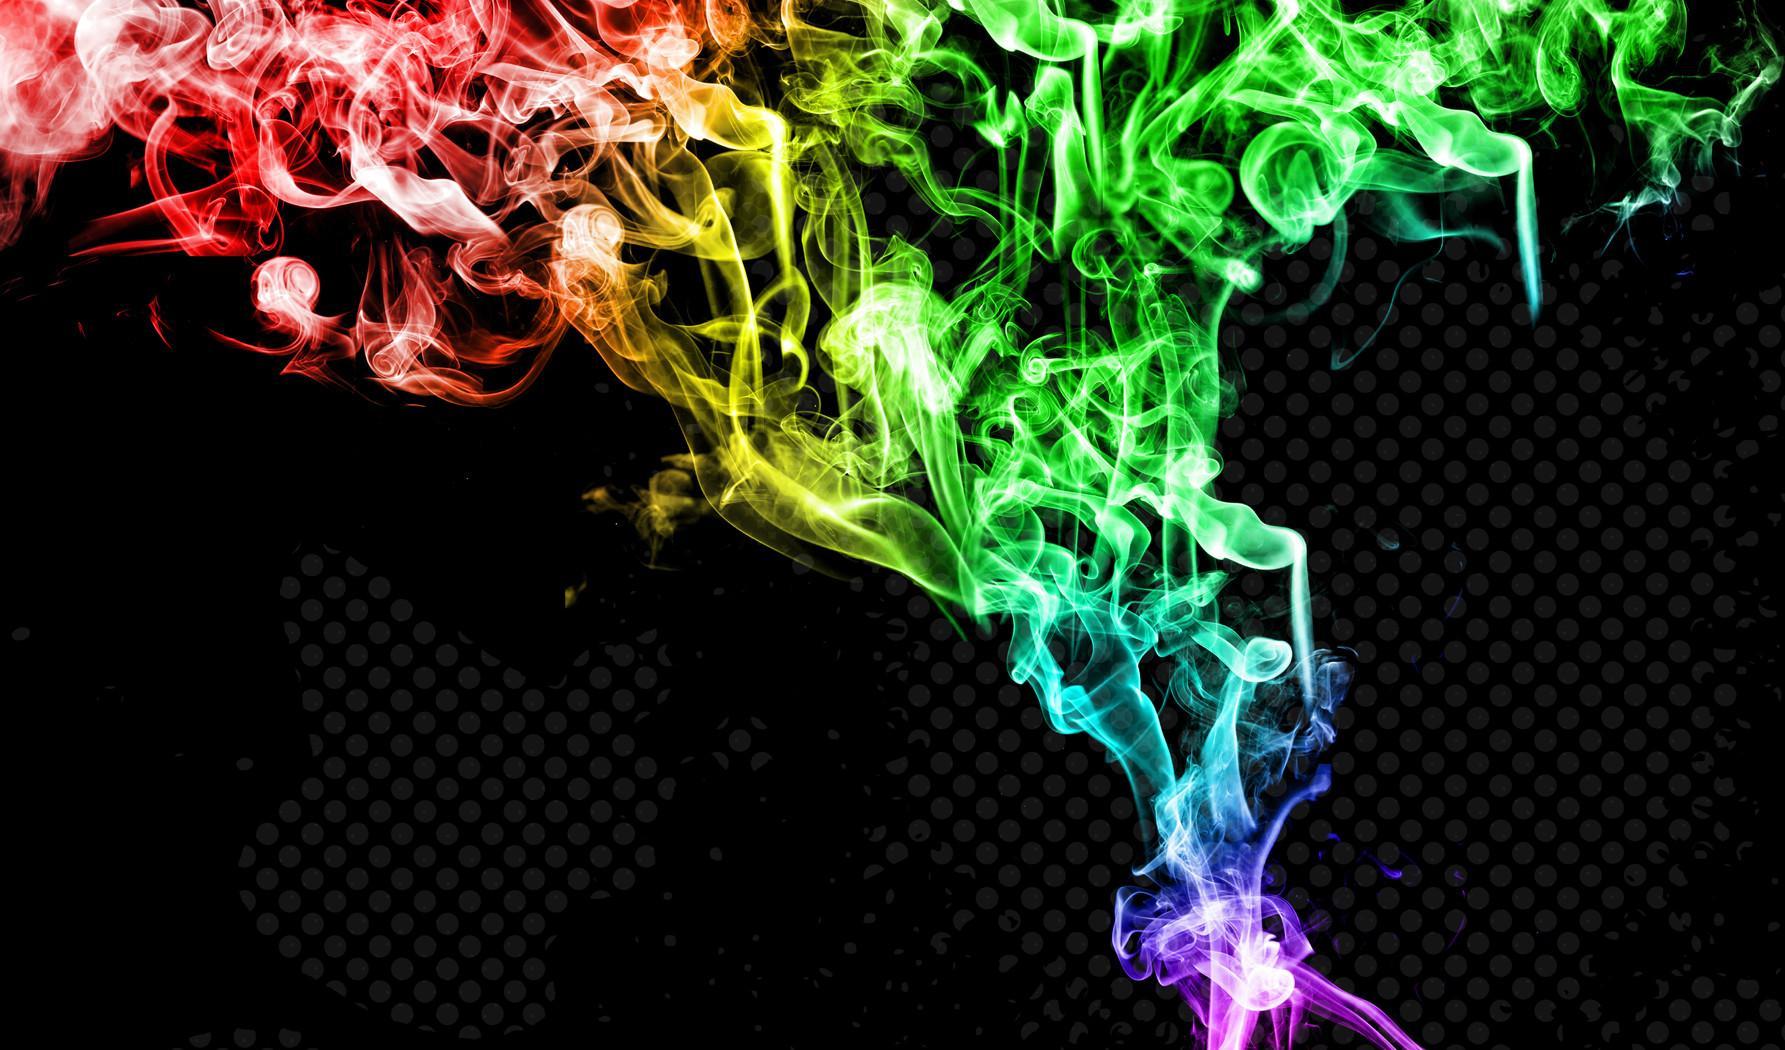 Cool Colors Wallpaper 1785x1050